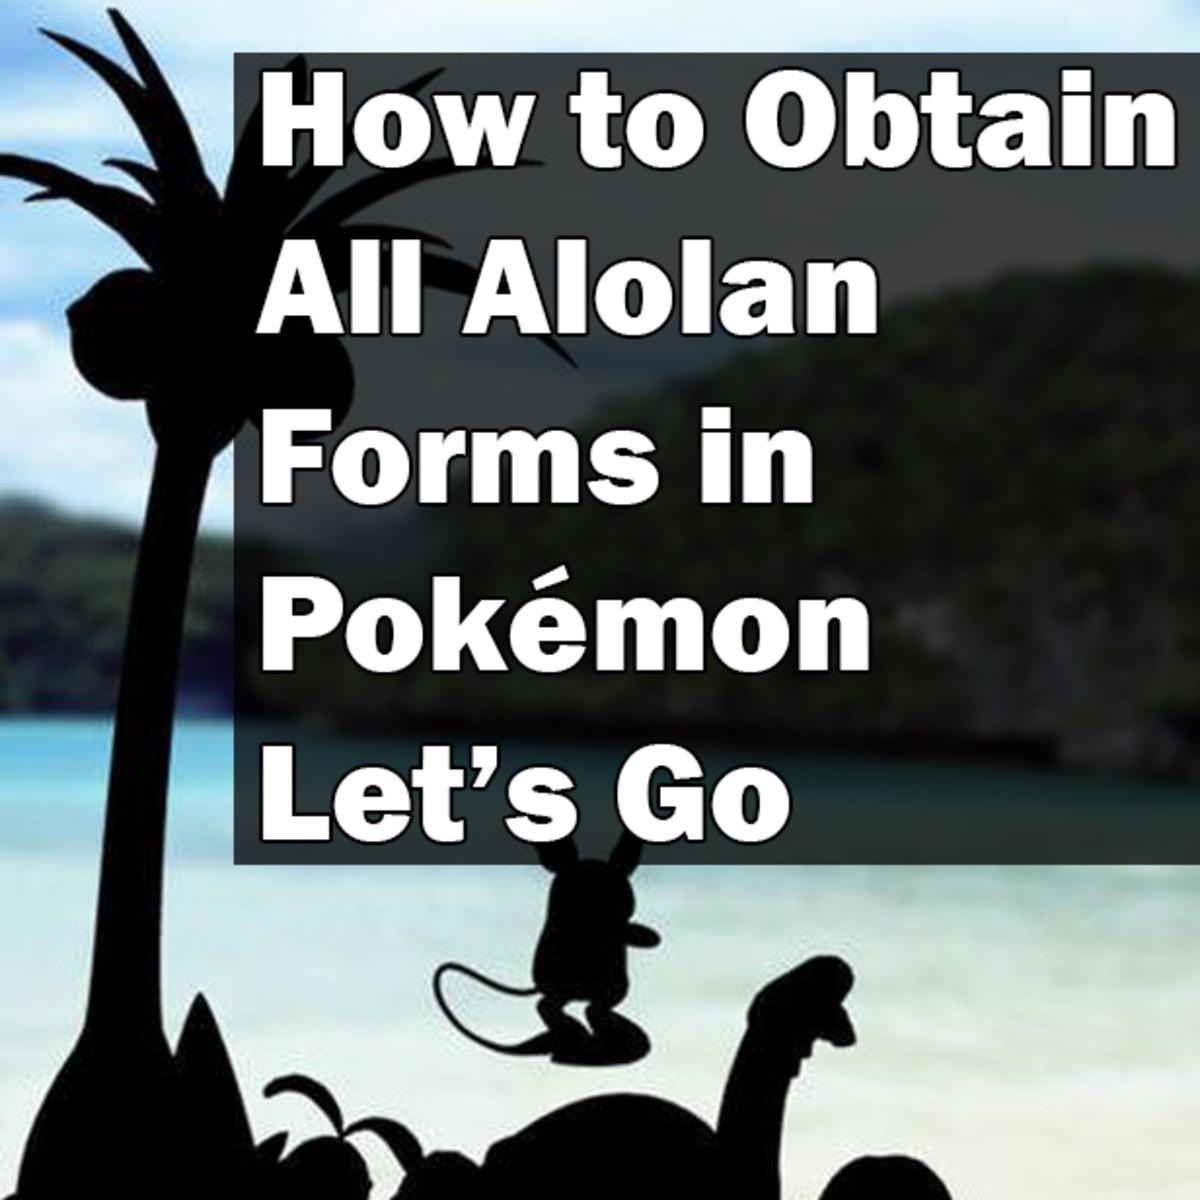 Pokemon Let's Go Alolan Forms Guide